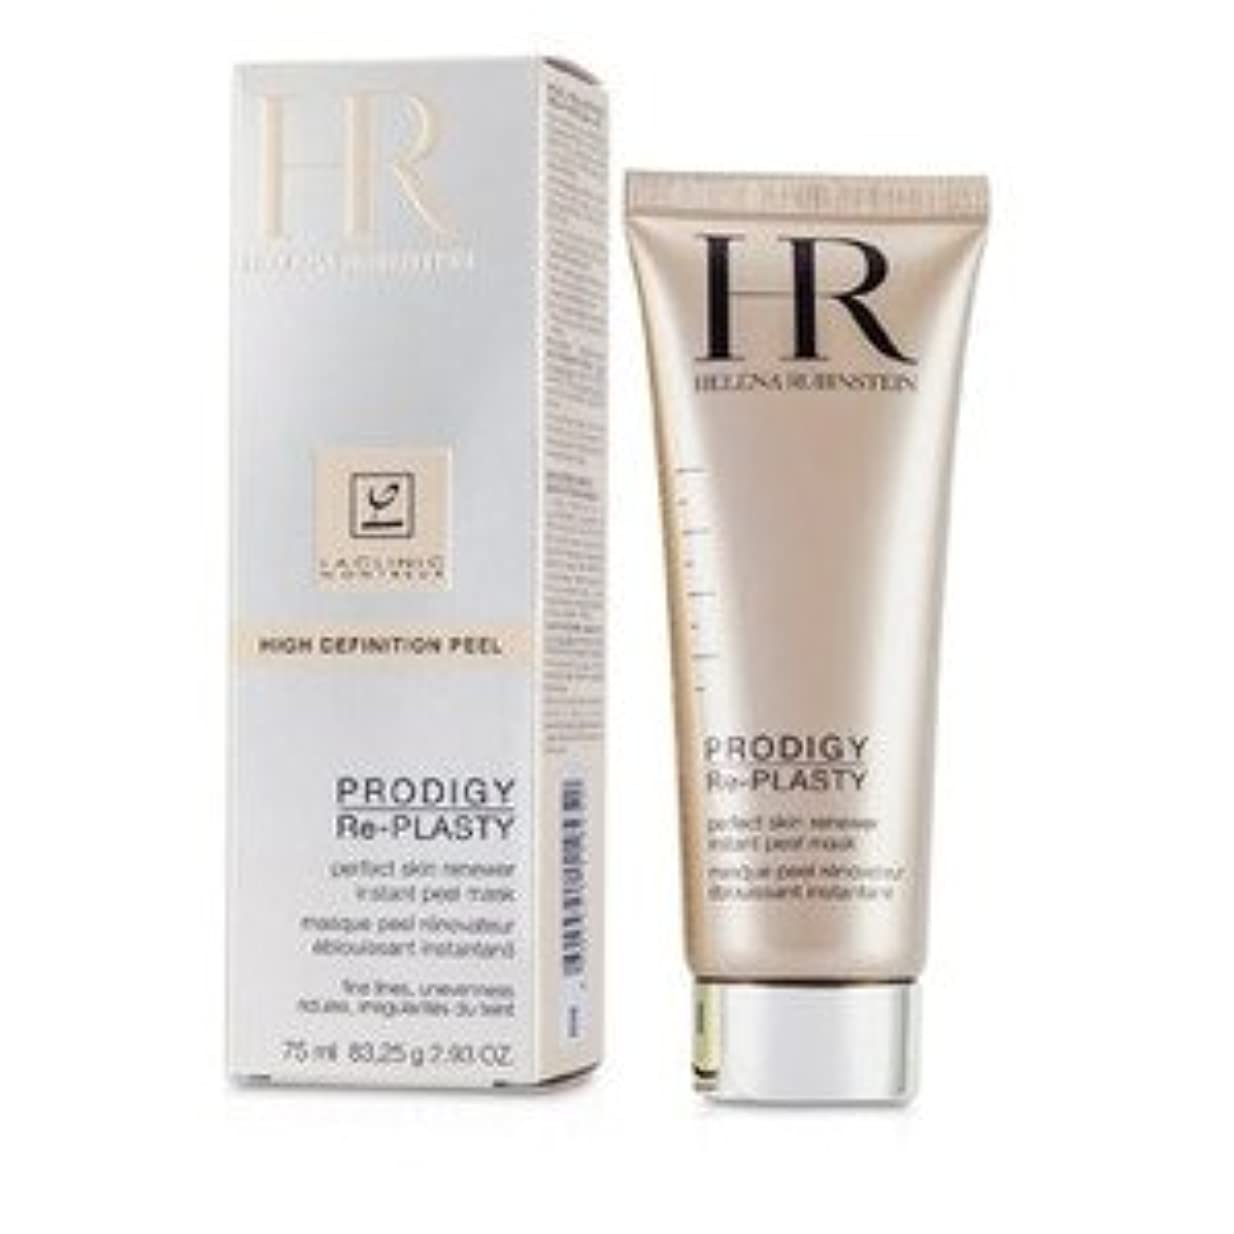 枯渇十分ではない野菜Helena Rubinstein(ヘレナ?ルビンスタイン) Prodigy Re-Plasty High Definition Peel Perfect Skin Renewer Instant Peel Mask 75ml...